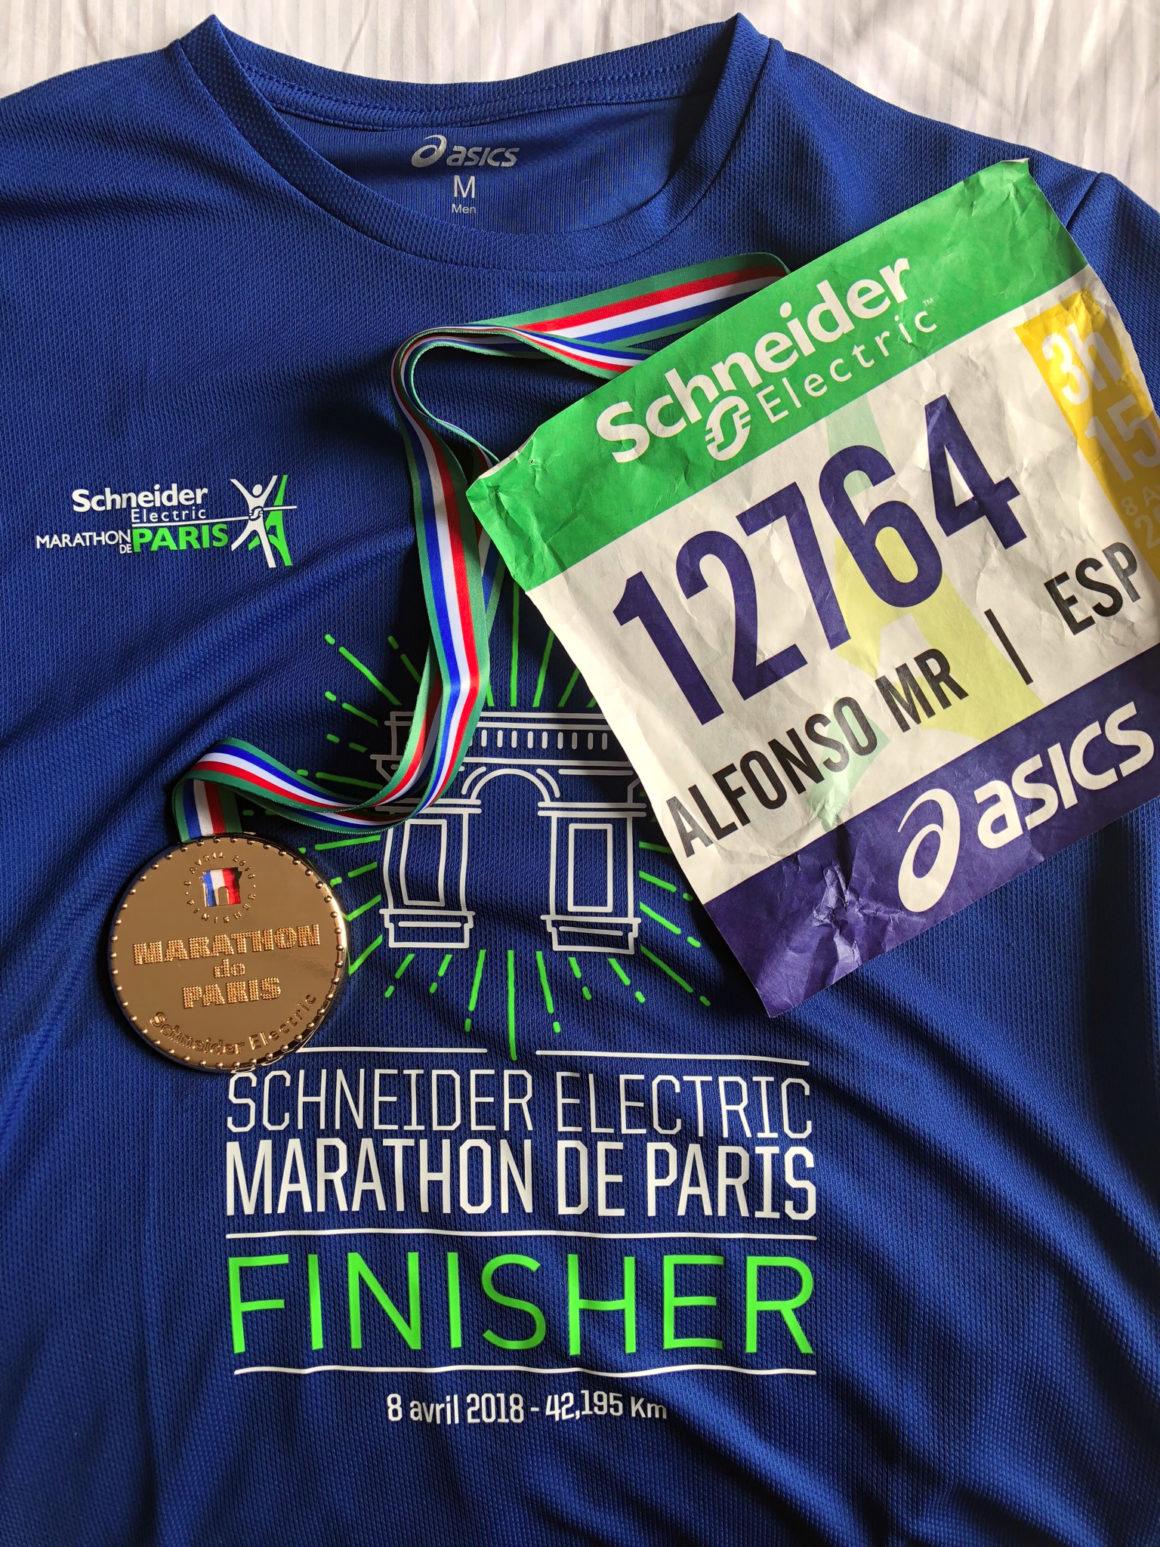 Maratón de París - Paris Marathon maratón de parís - maraton de paris marathon 3 1160x1547 - Maratón de París: análisis, recorrido, entrenamiento y recomendaciones de viaje